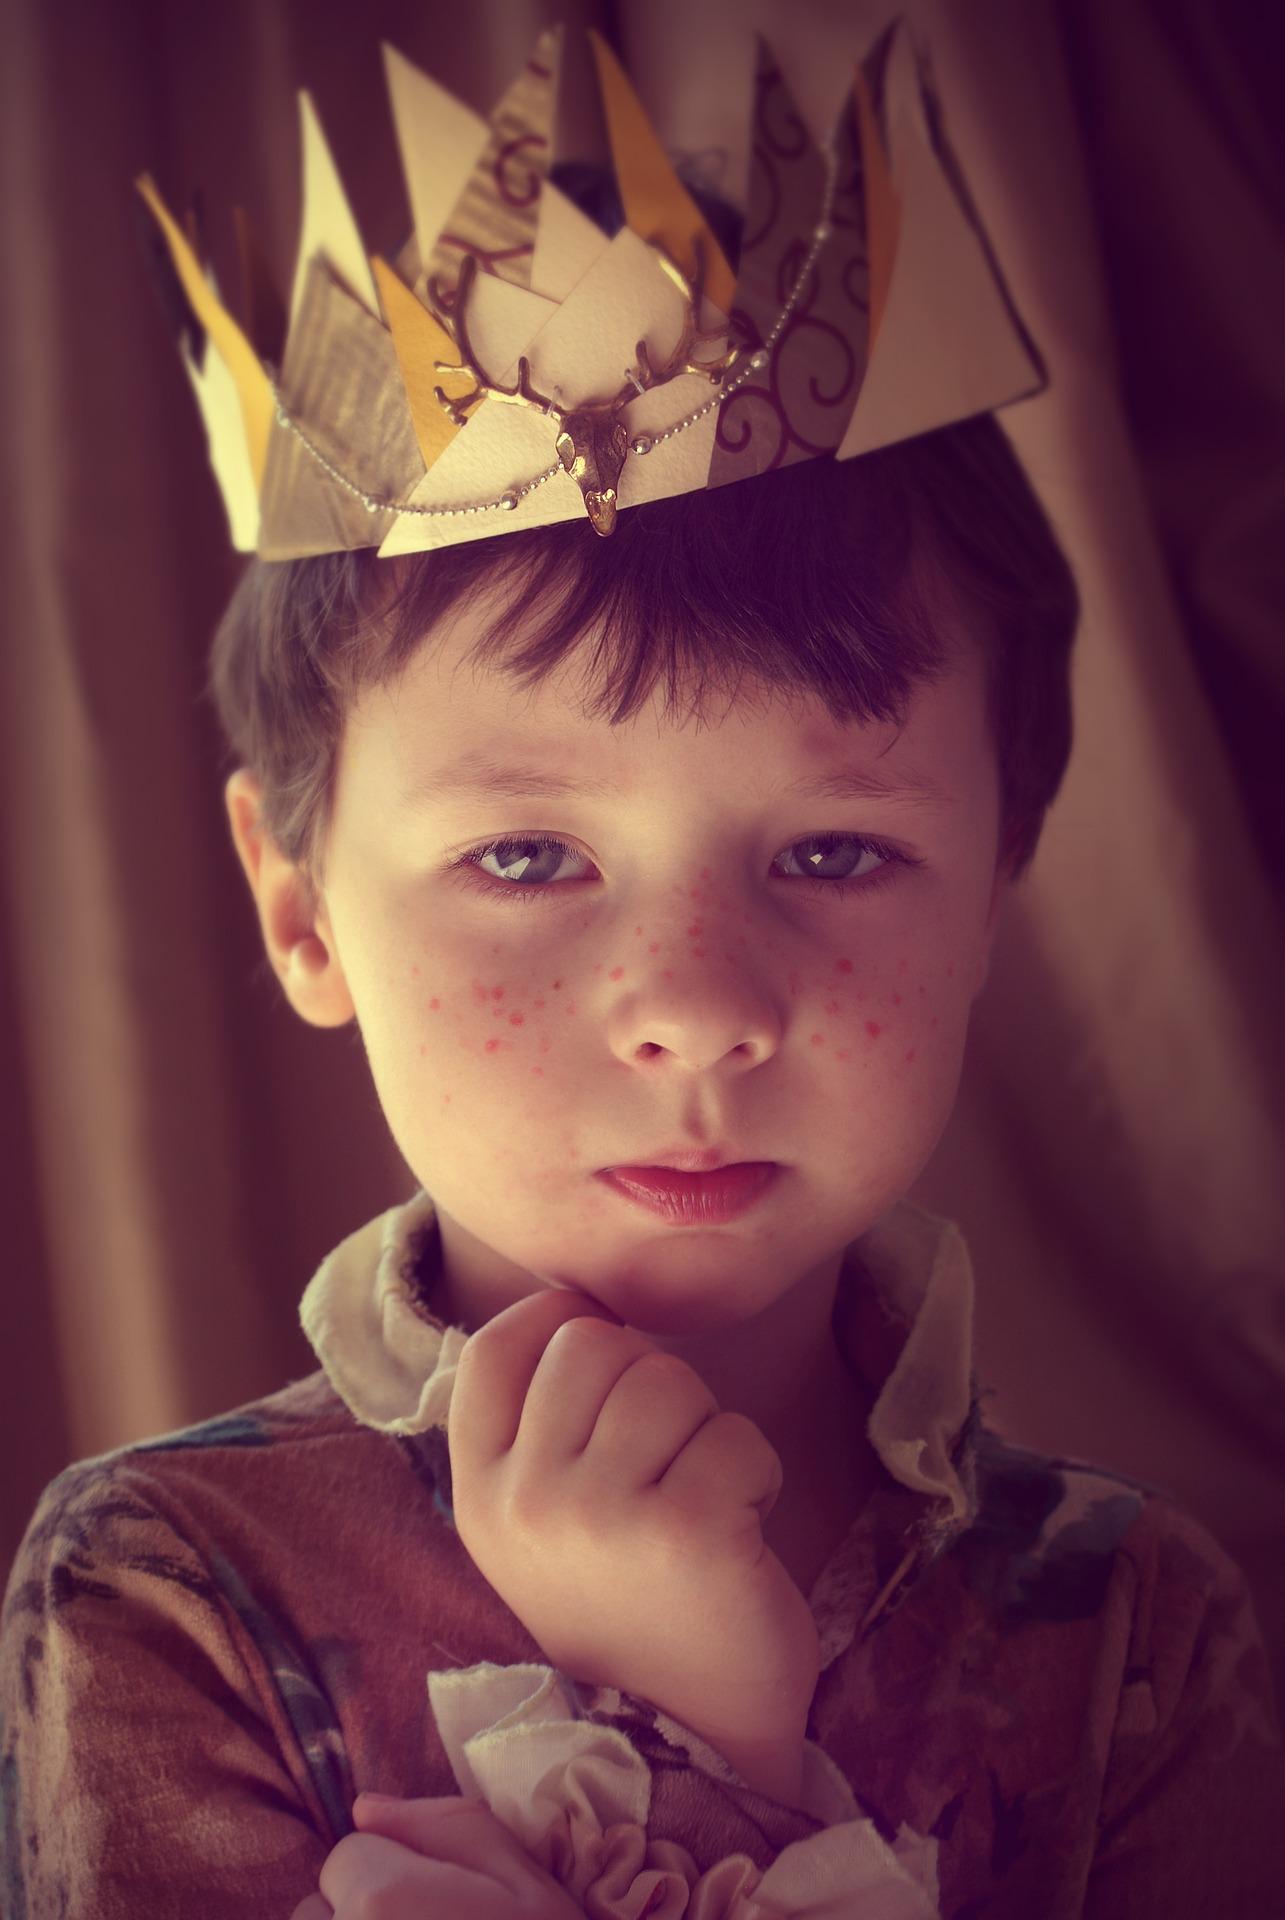 prince-2974364_1920